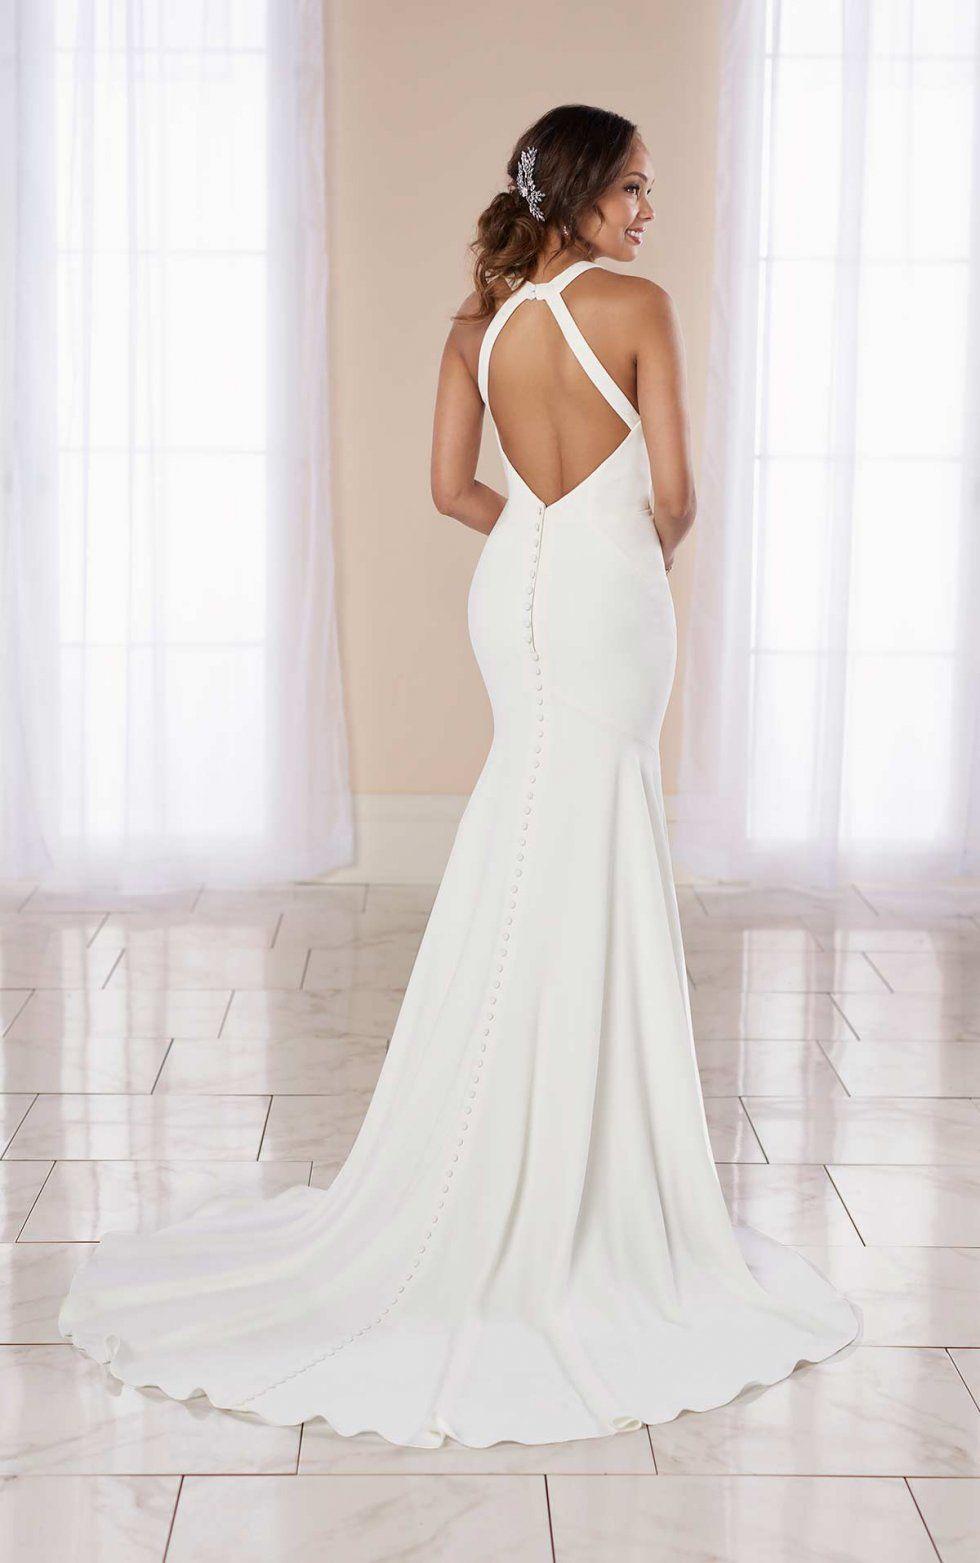 Modern Halter Bridal Gown With Center Plunge Detail Stella York Wedding Dresses In 2020 Halter Bridal Gown Stella York Wedding Dress York Wedding Dress